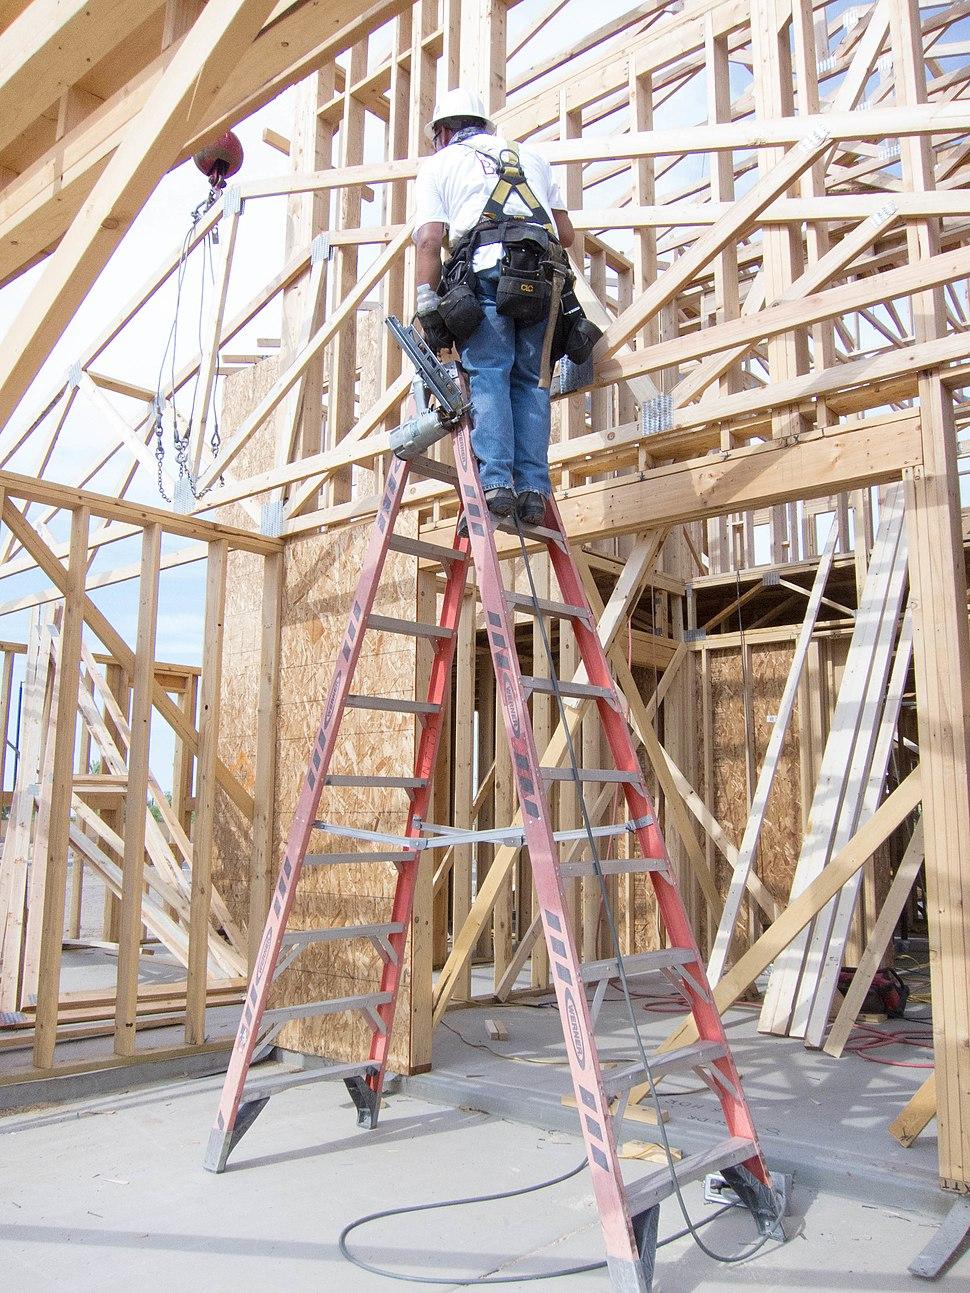 Ladder fall prevention (9253630705)